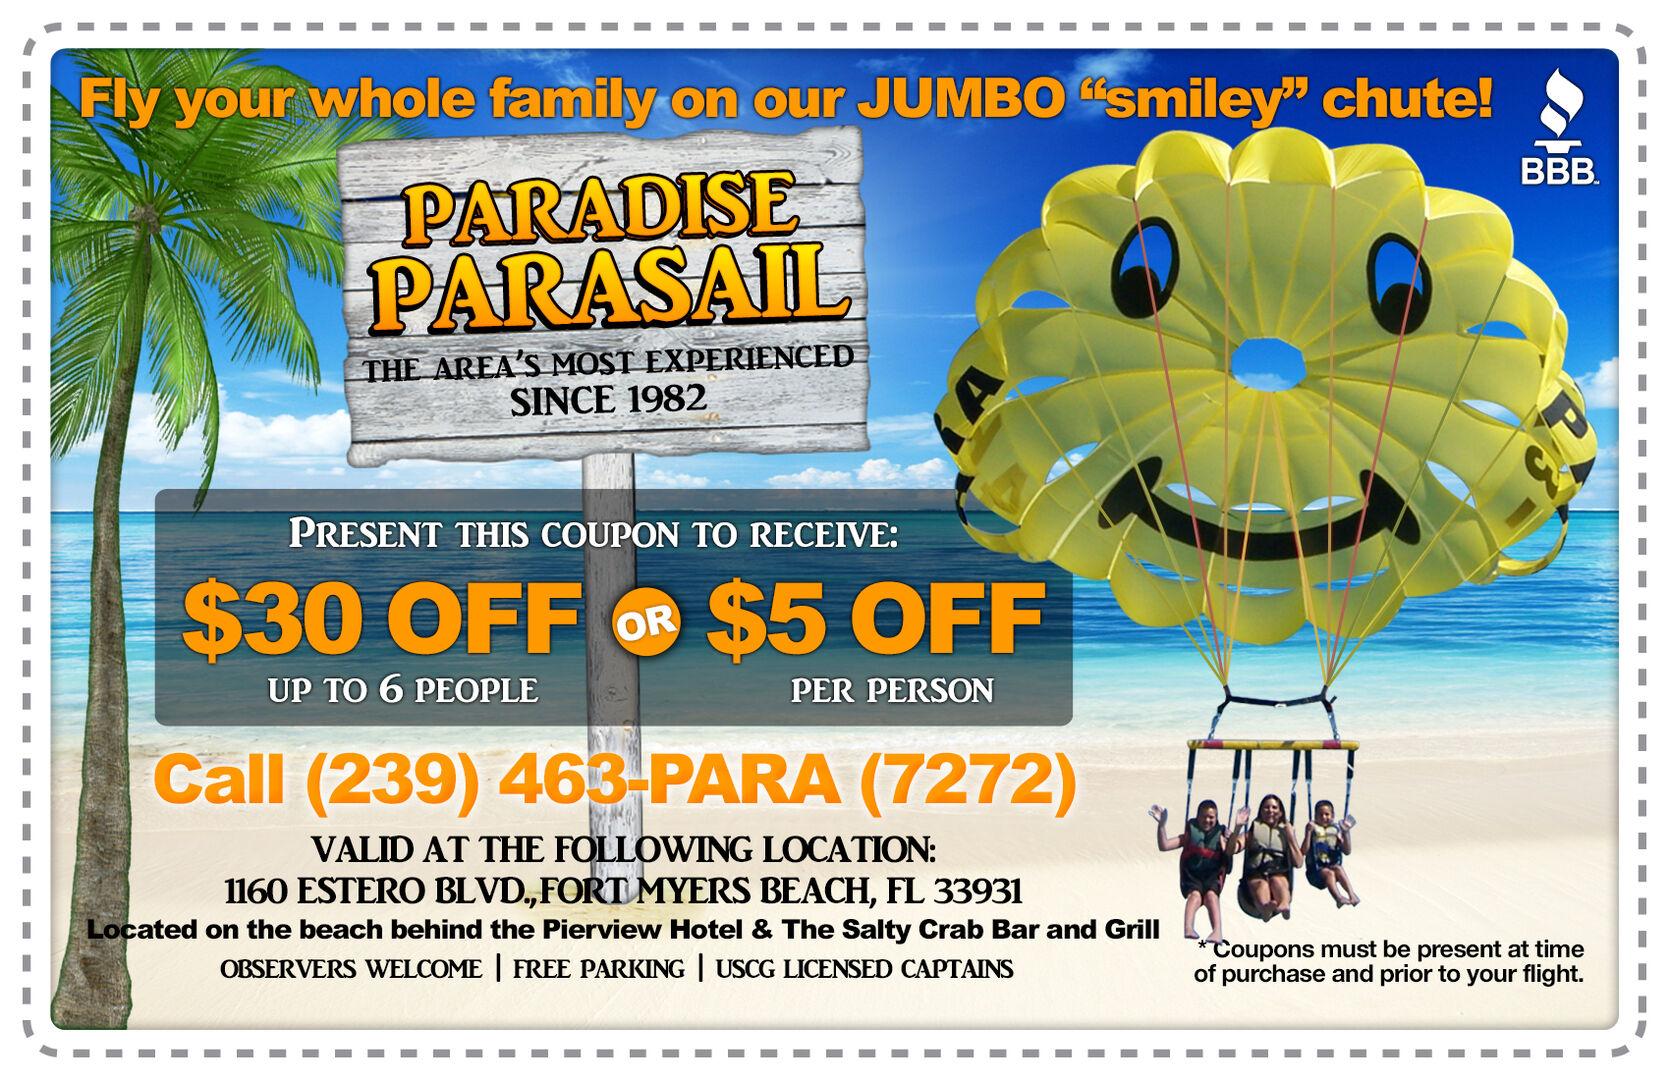 Paradise Parasail coupon